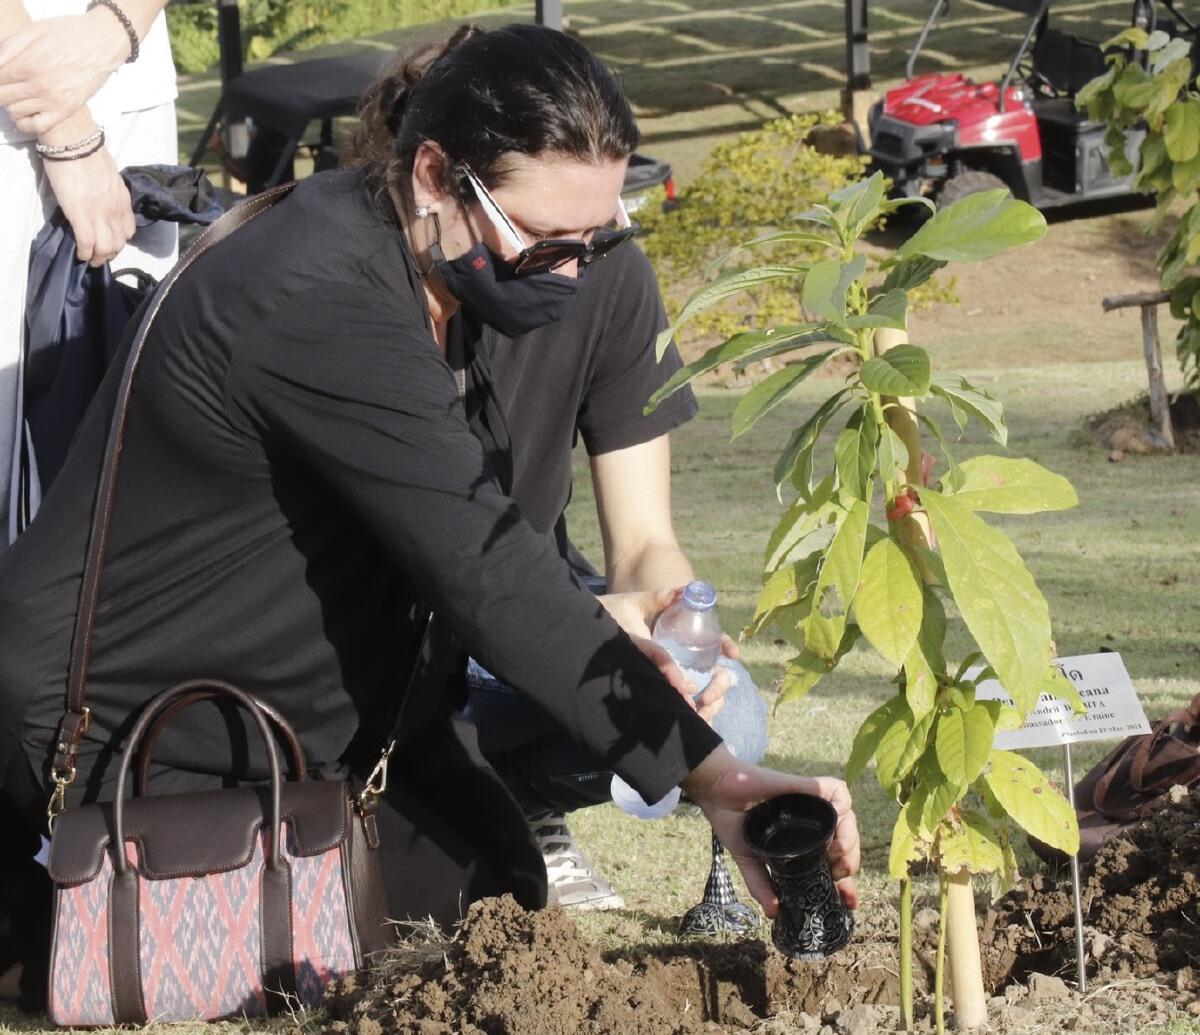 ครอบครัวฑูตยูเครน นำเถ้ากระดูก มาไว้กับต้นอโวคาโด โครงการปลูกป่าสวนนงนุช